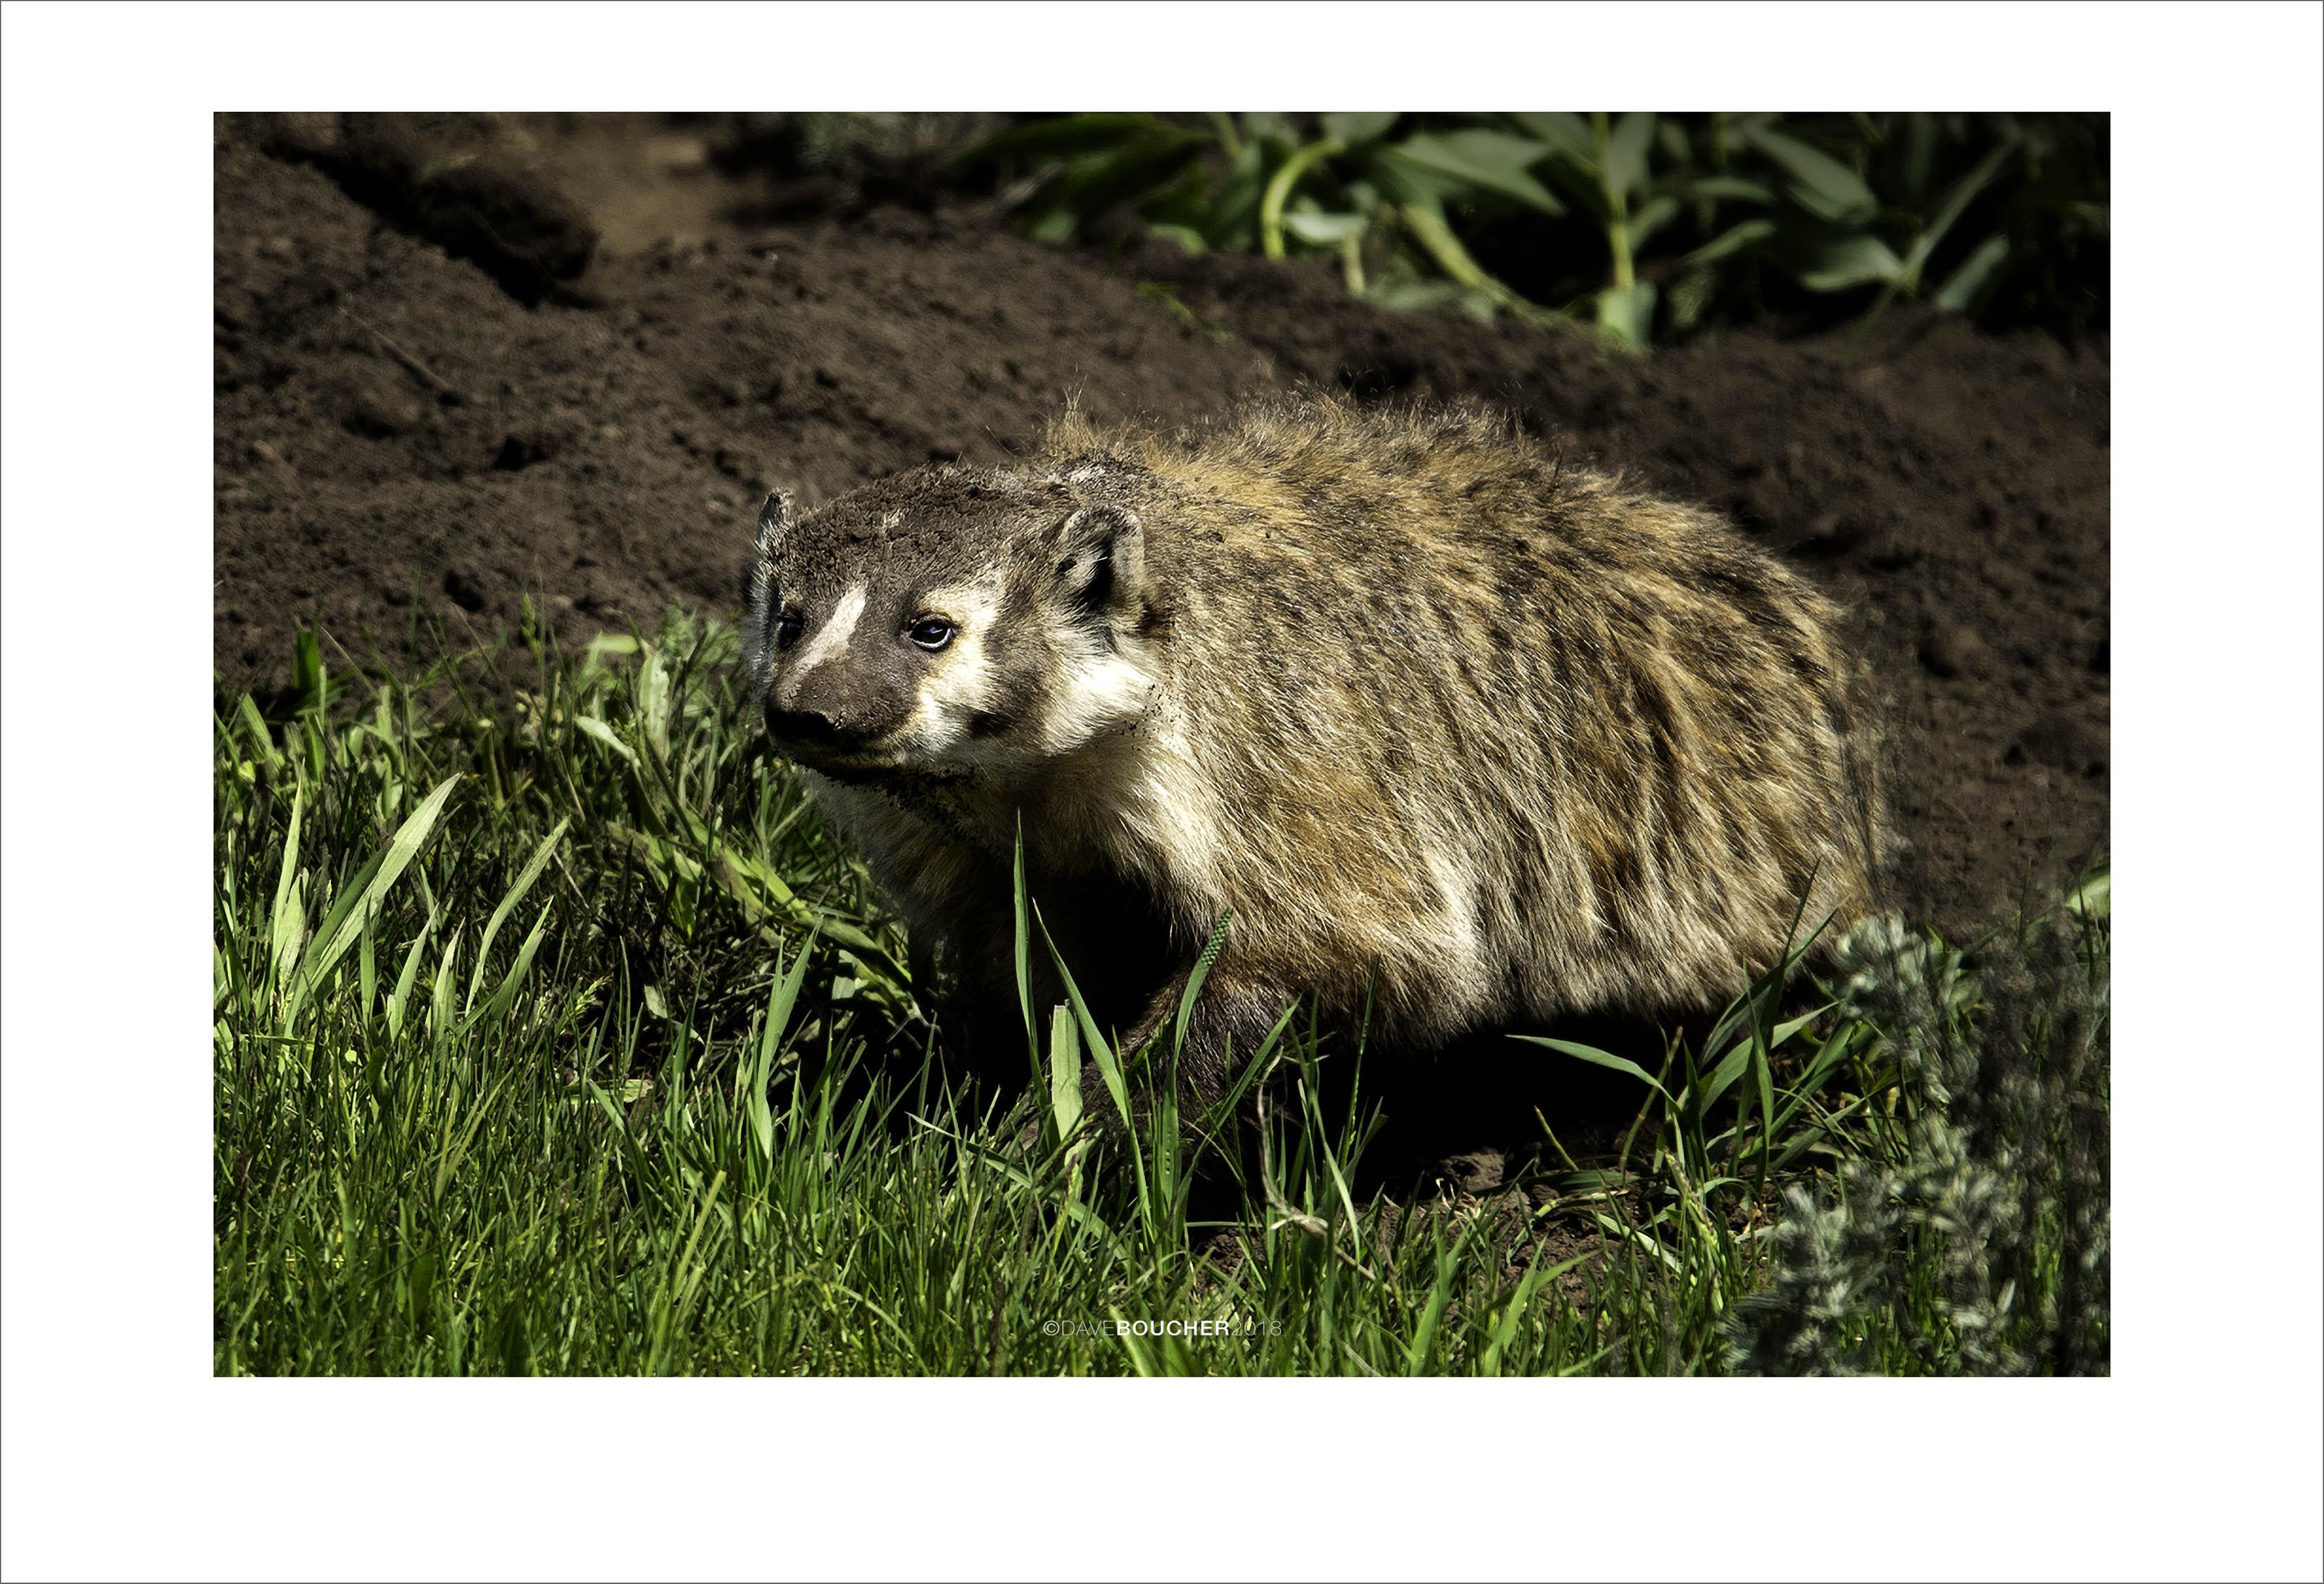 Badger w/ pups